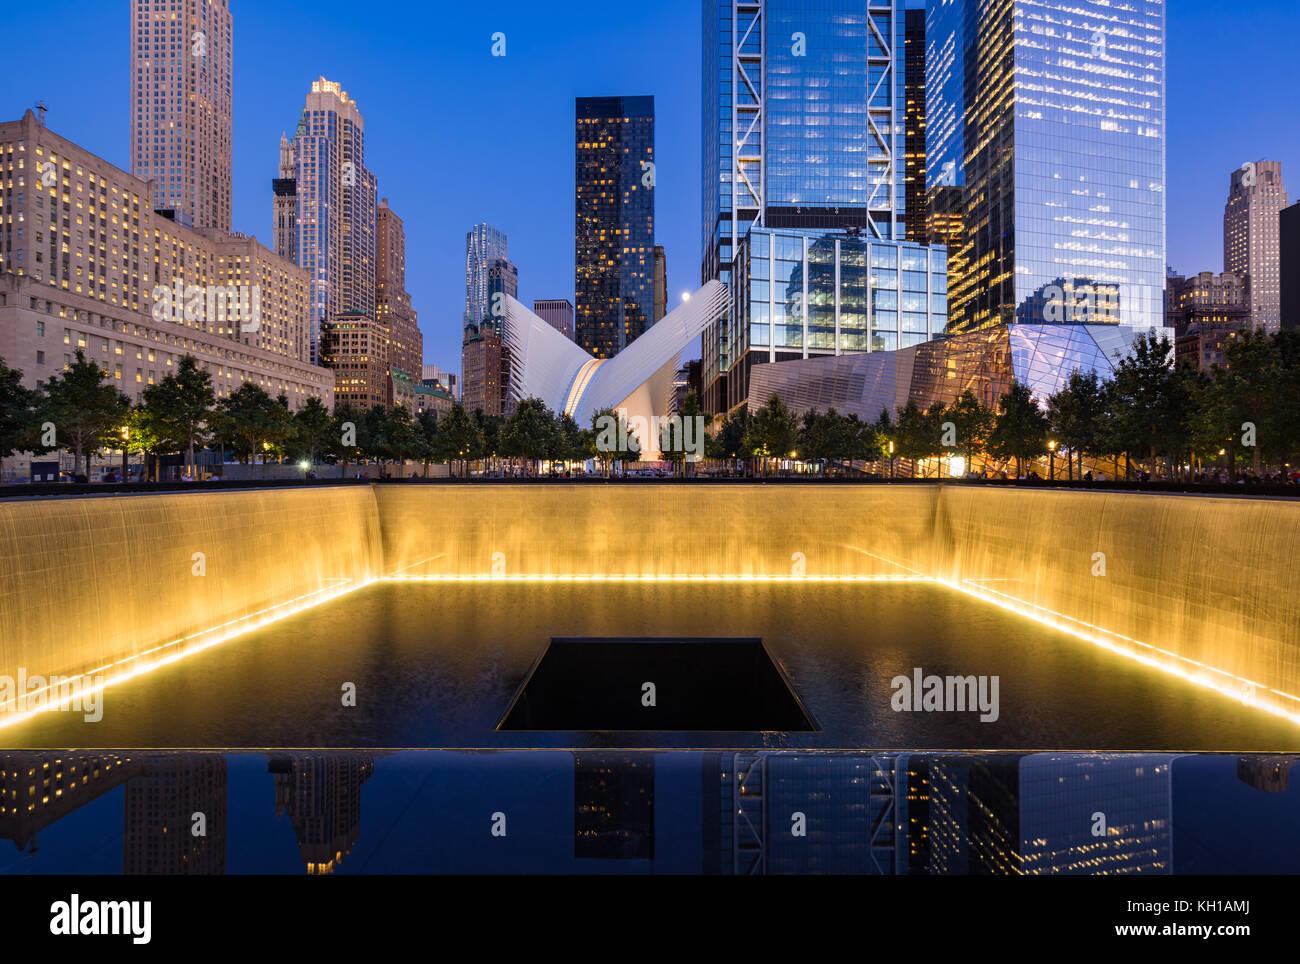 La piscina reflectante del Norte iluminado al atardecer con vista de la torre del World Trade Center 3 y 4 y el Imagen De Stock